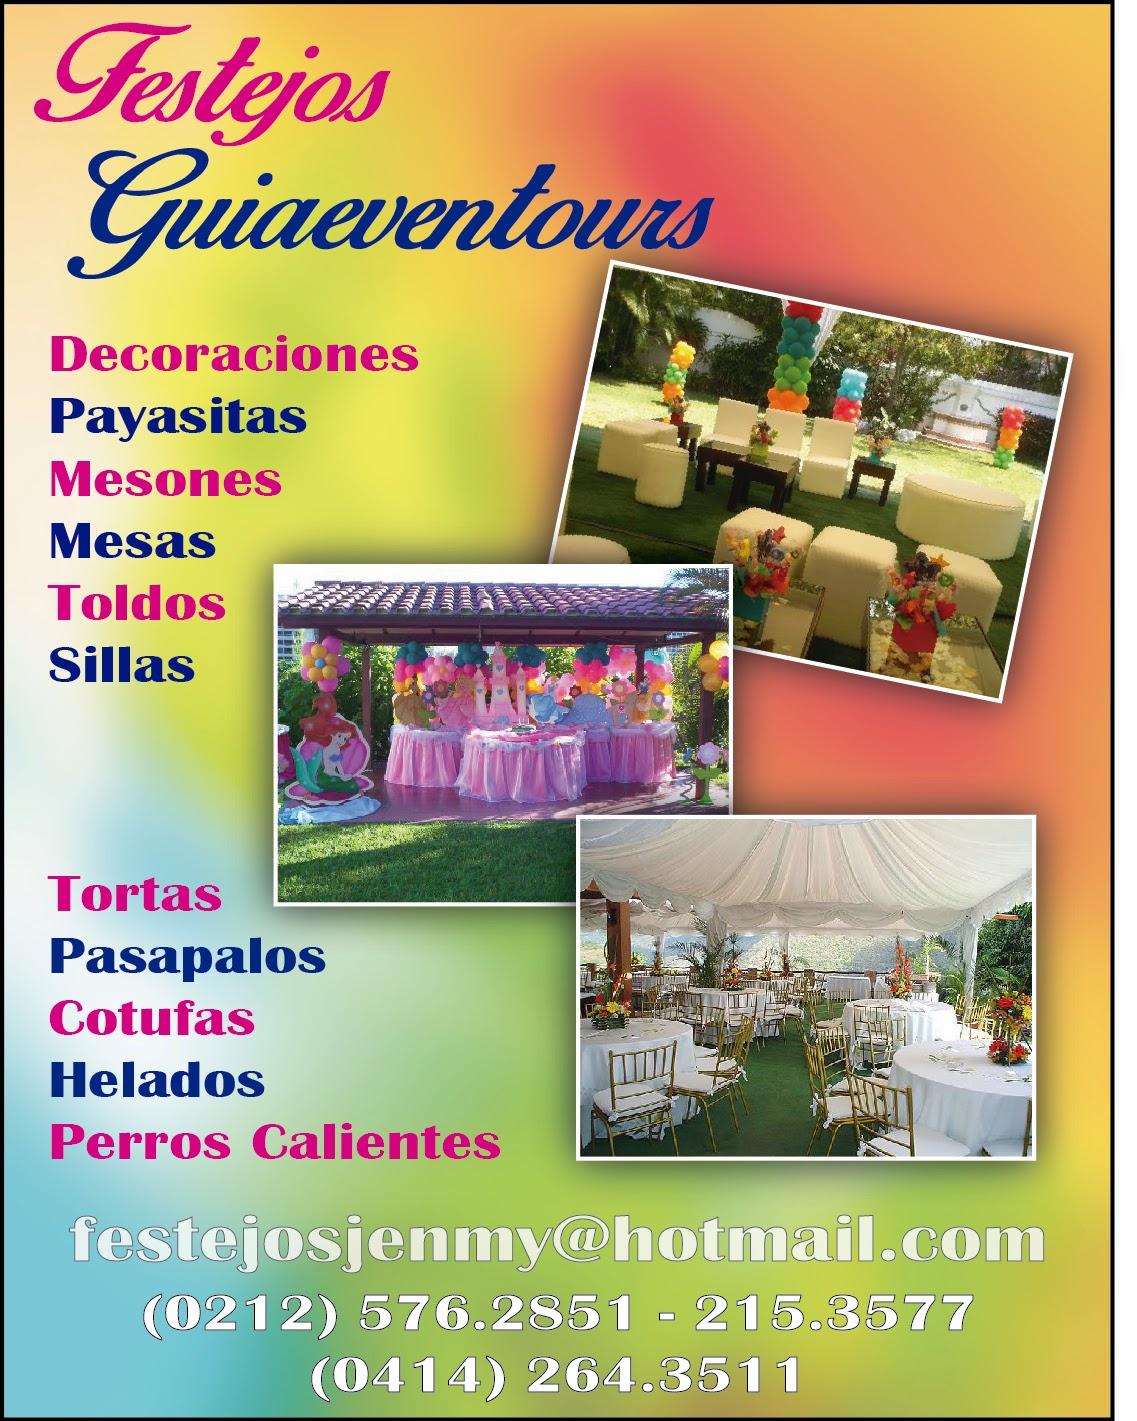 FESTEJOS GUIAEVENTOURS C.A. en Paginas Amarillas tu guia Comercial